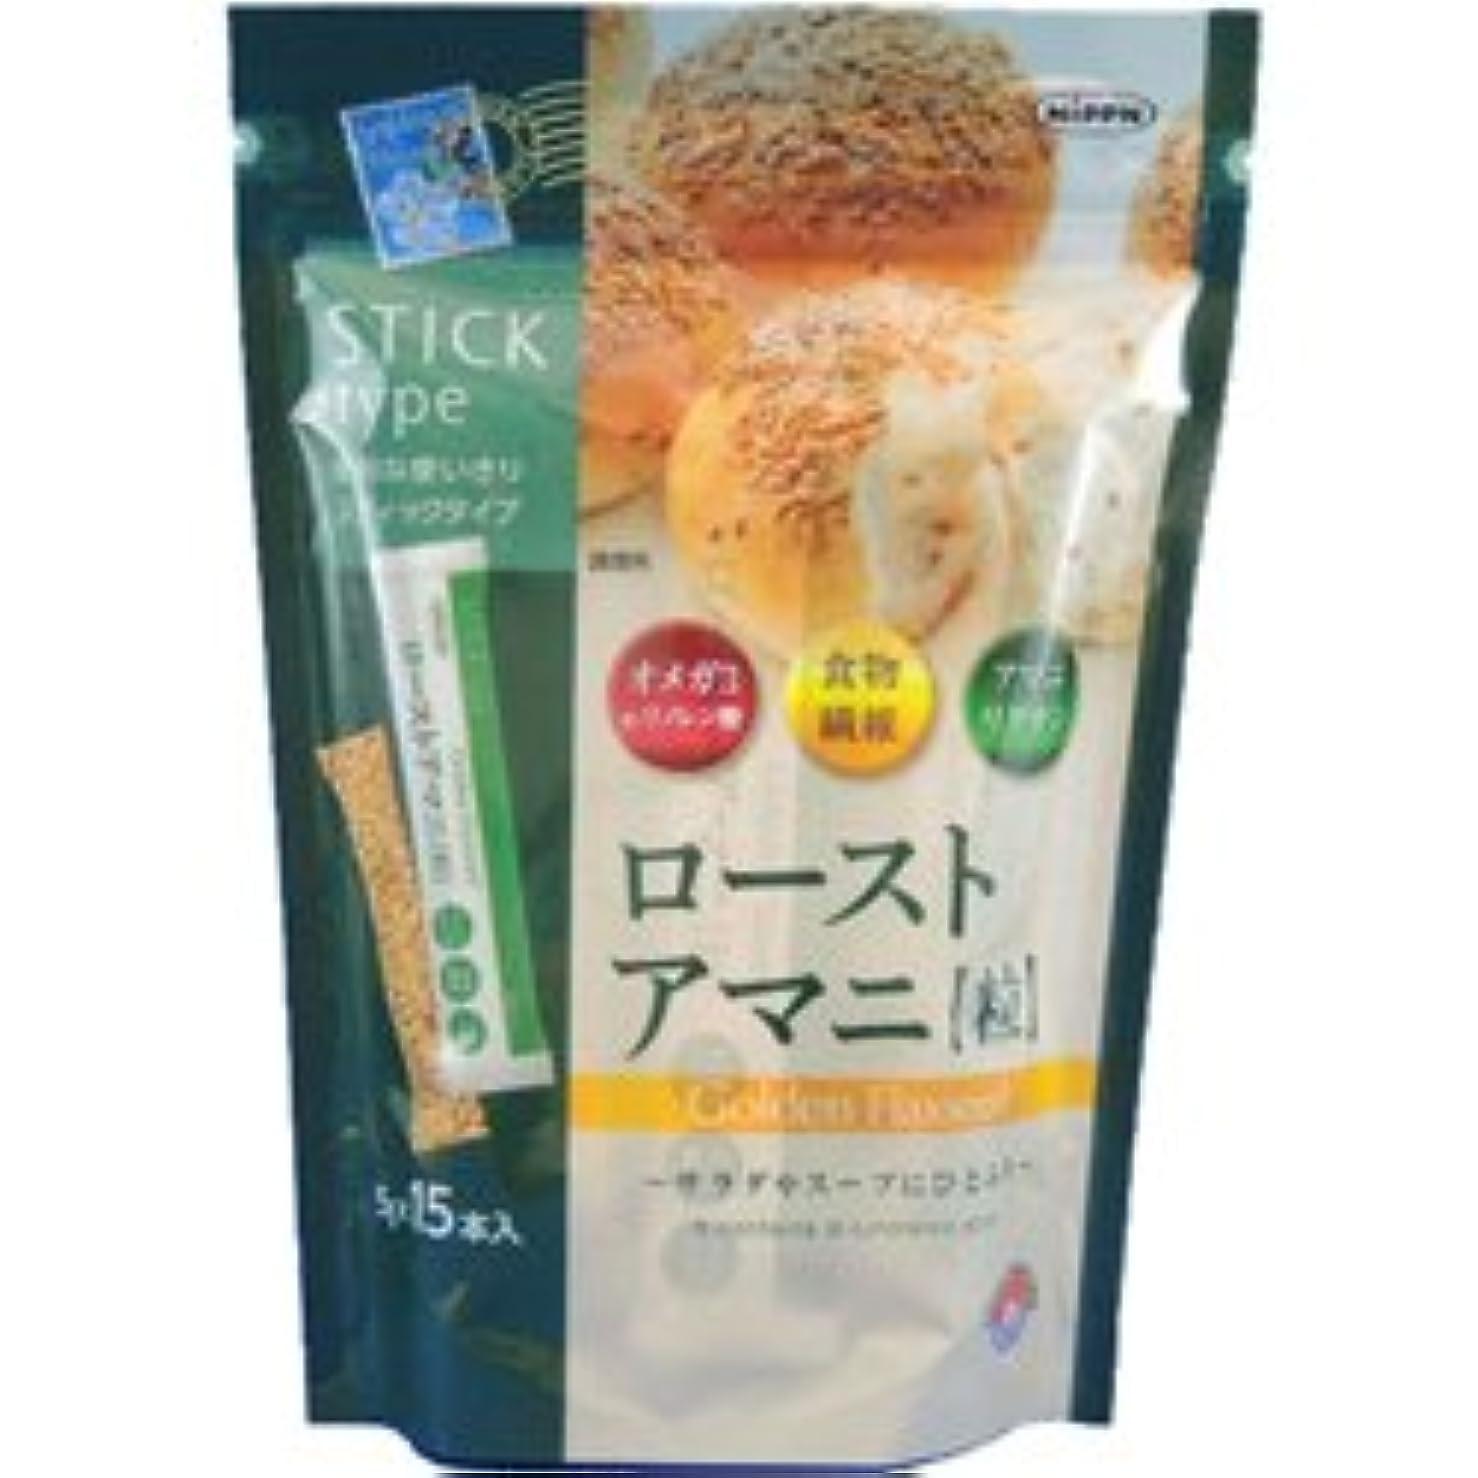 自由忠誠より多い【日本製粉】ローストアマニ粒 75g ×5個セット